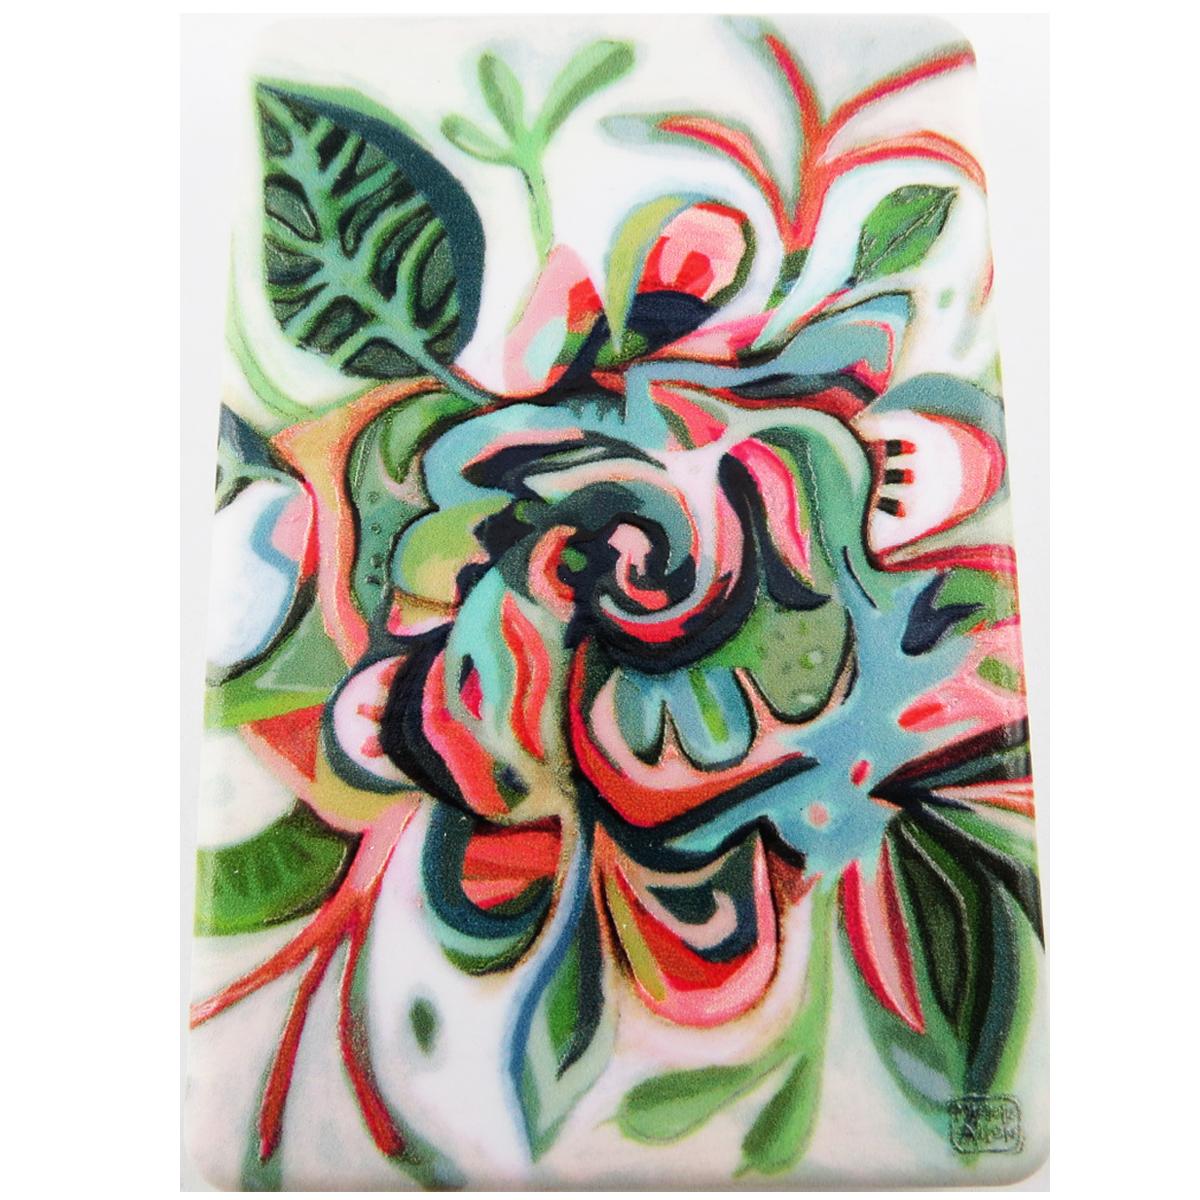 Miroir de poche \'Allen Designs\' vert multicolore (floral) - 85x55 cm - [R1974]